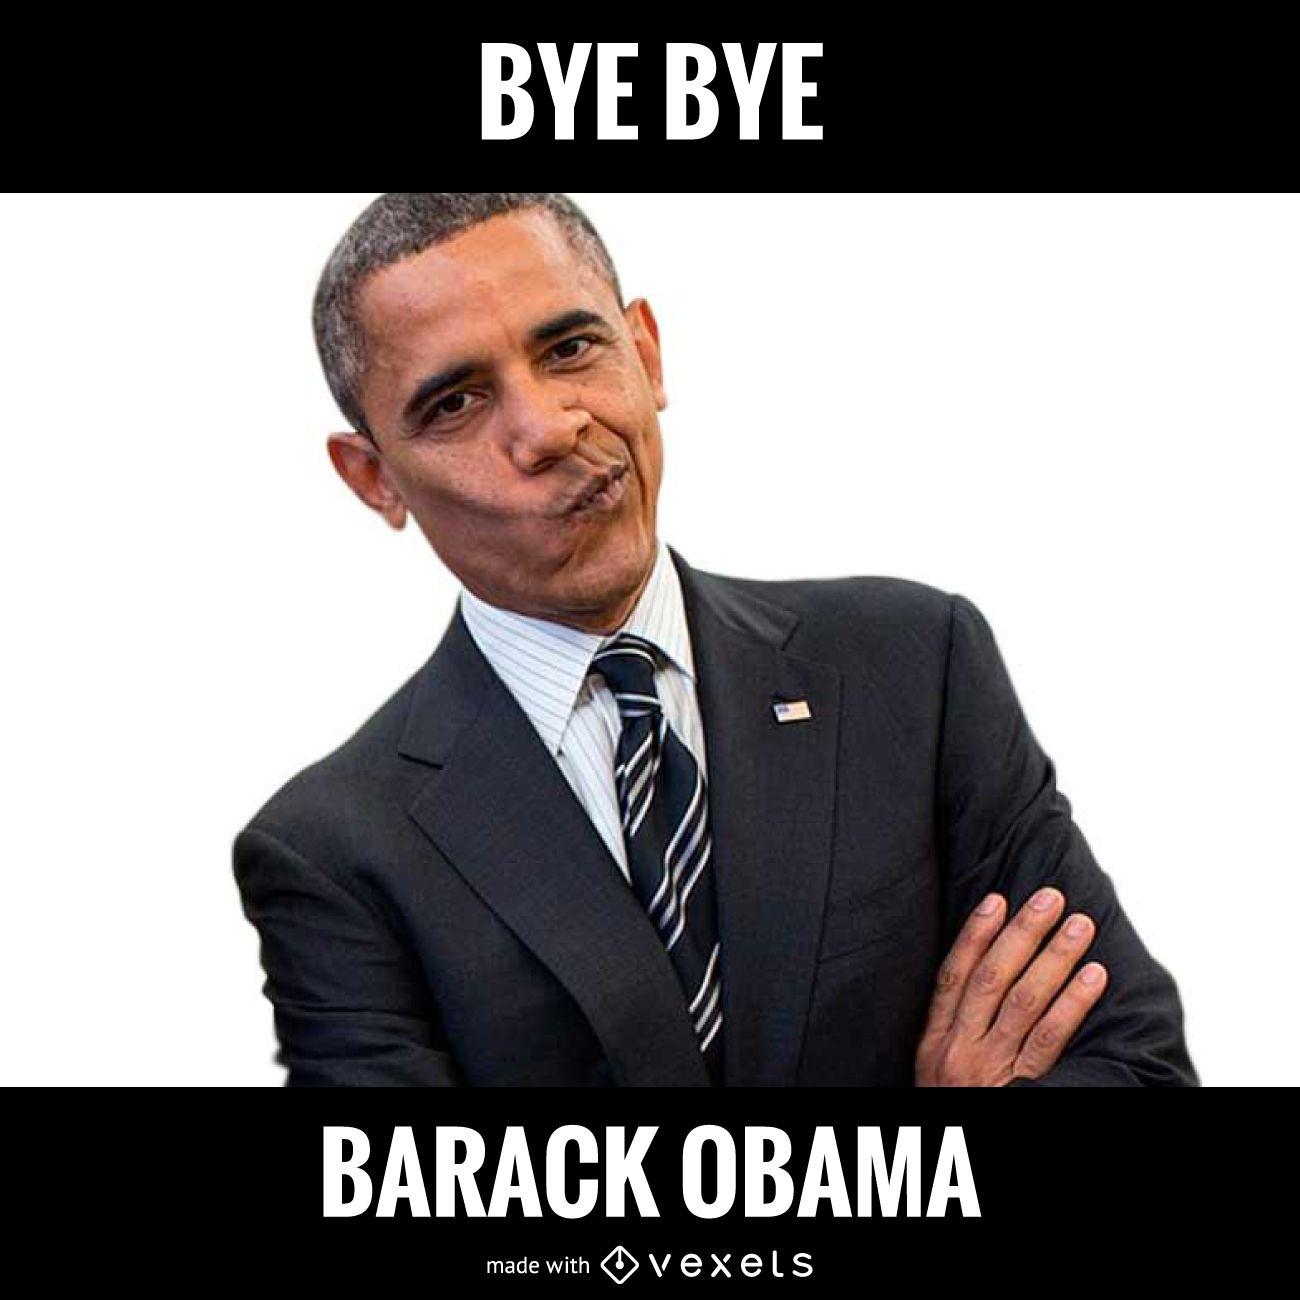 Generador de memes de Barack Obama